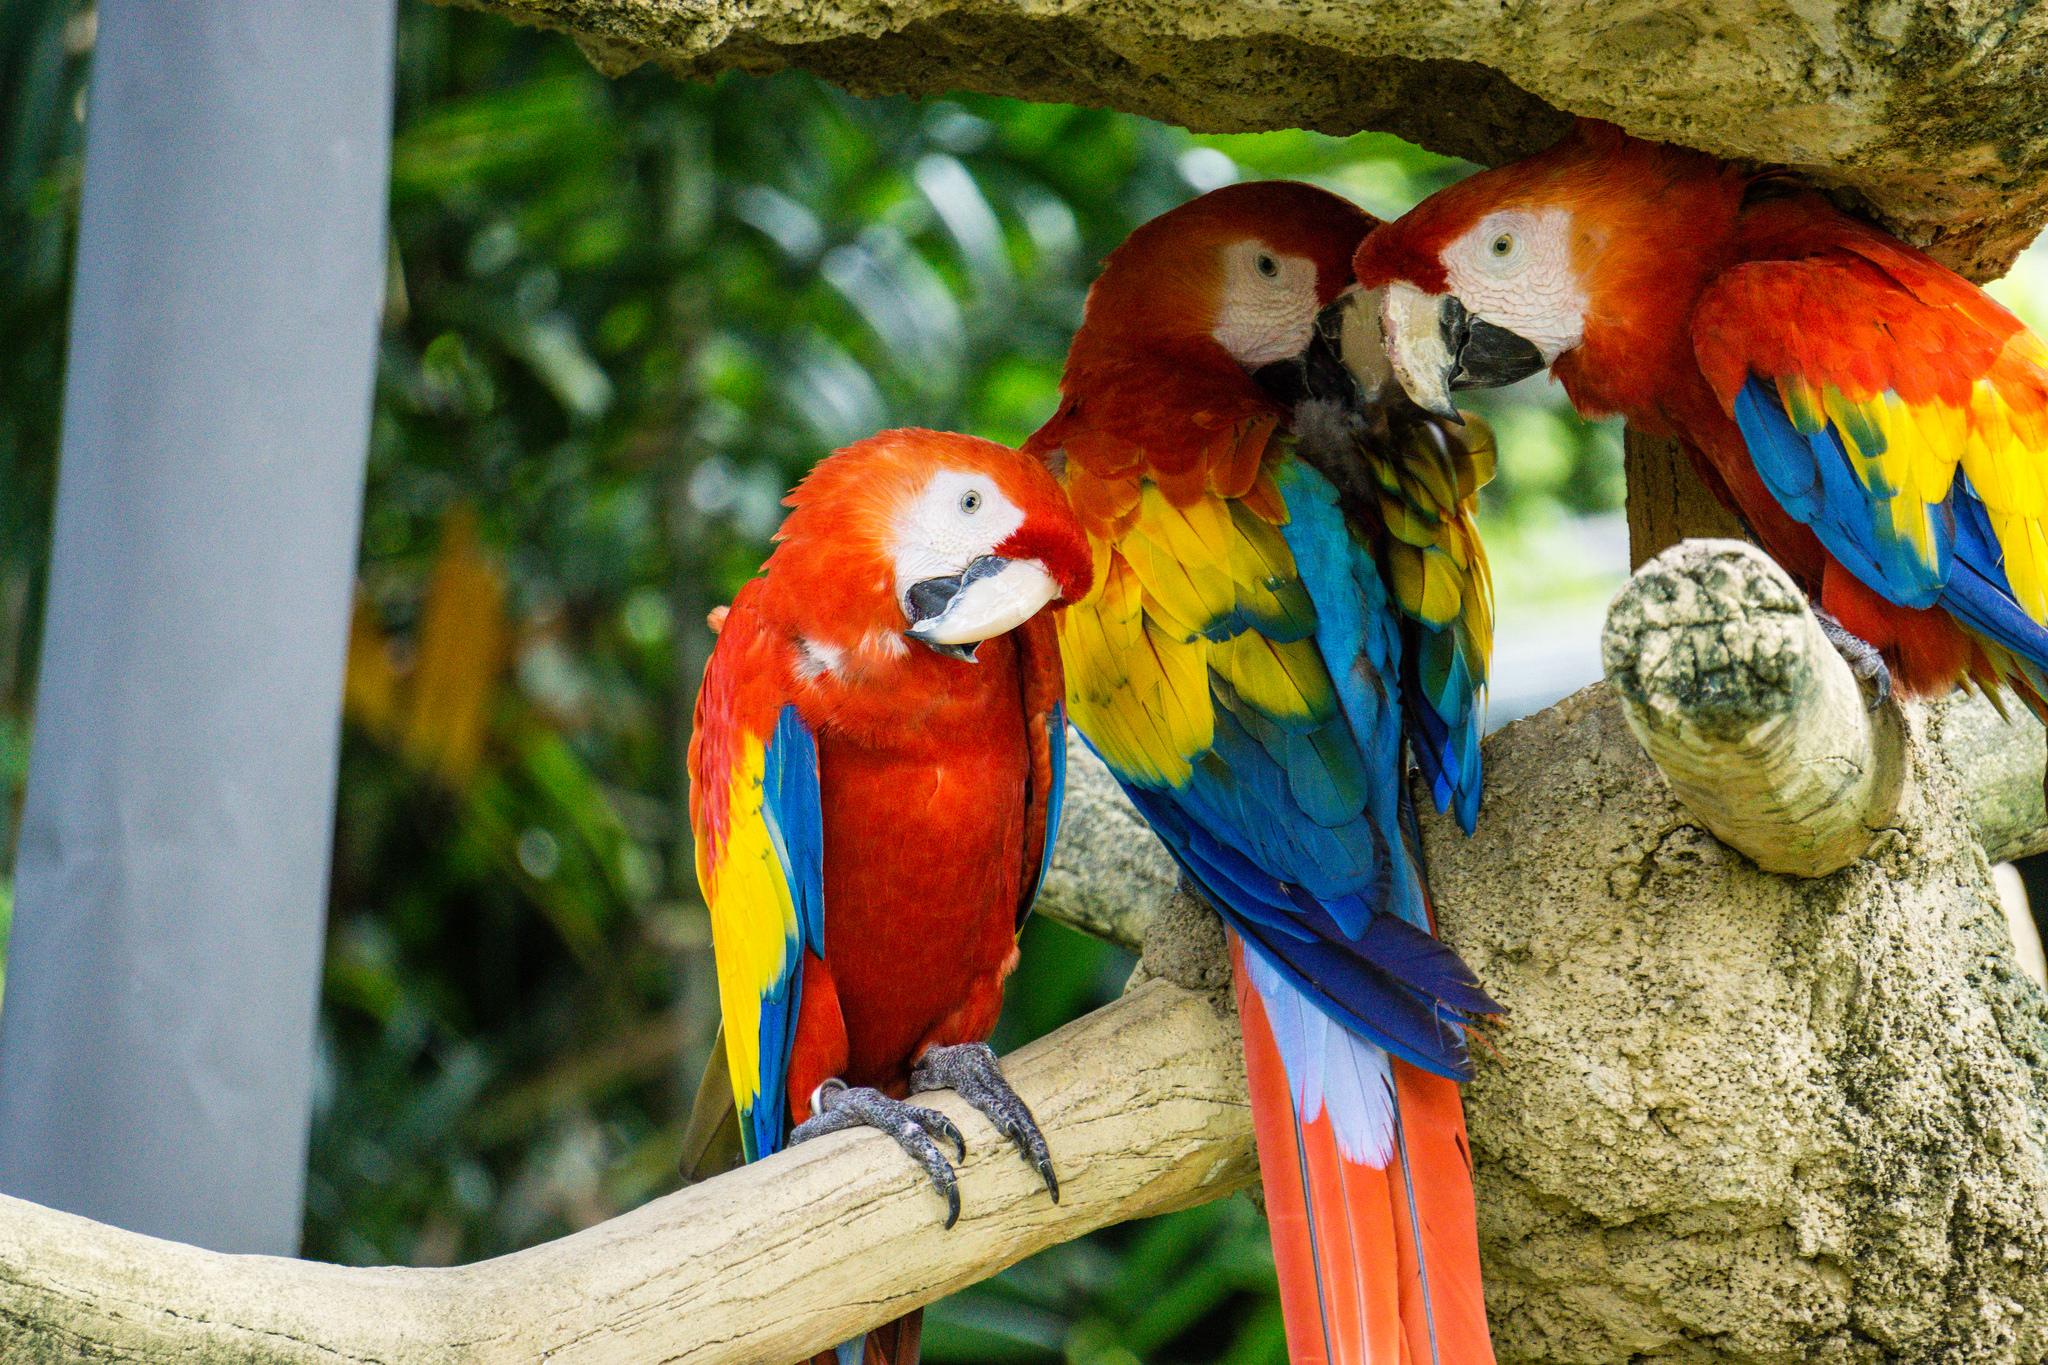 Попугаи Макао, Парк птиц Джуронг, Сингапур